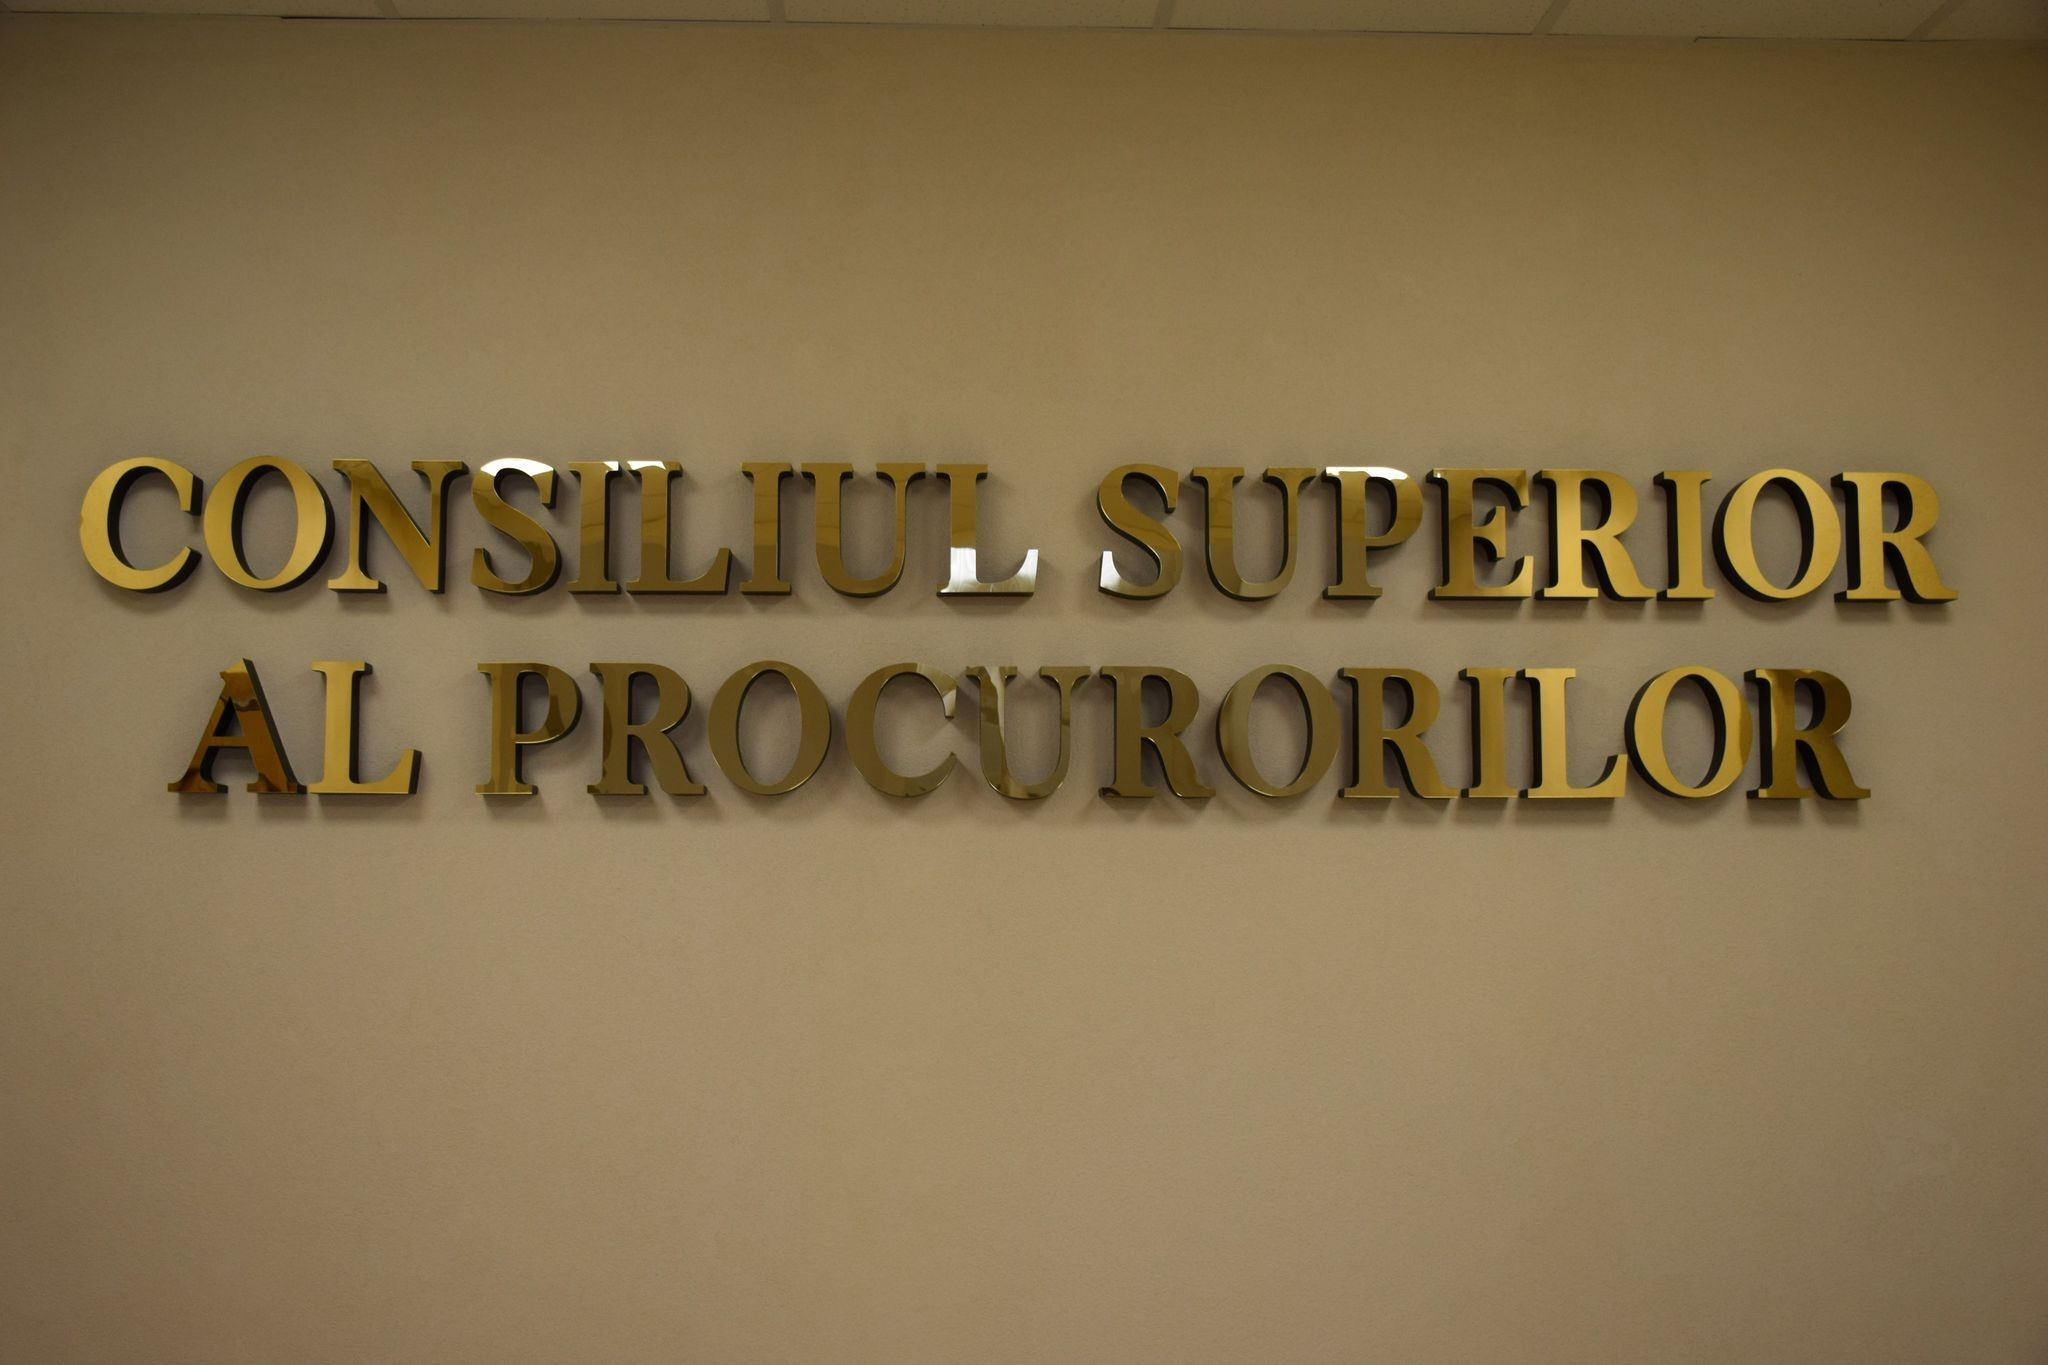 Procurorii care intenționează să candideze pentru funcții în CSP sau colegiile din subordinea acestuia pot depune dosarele